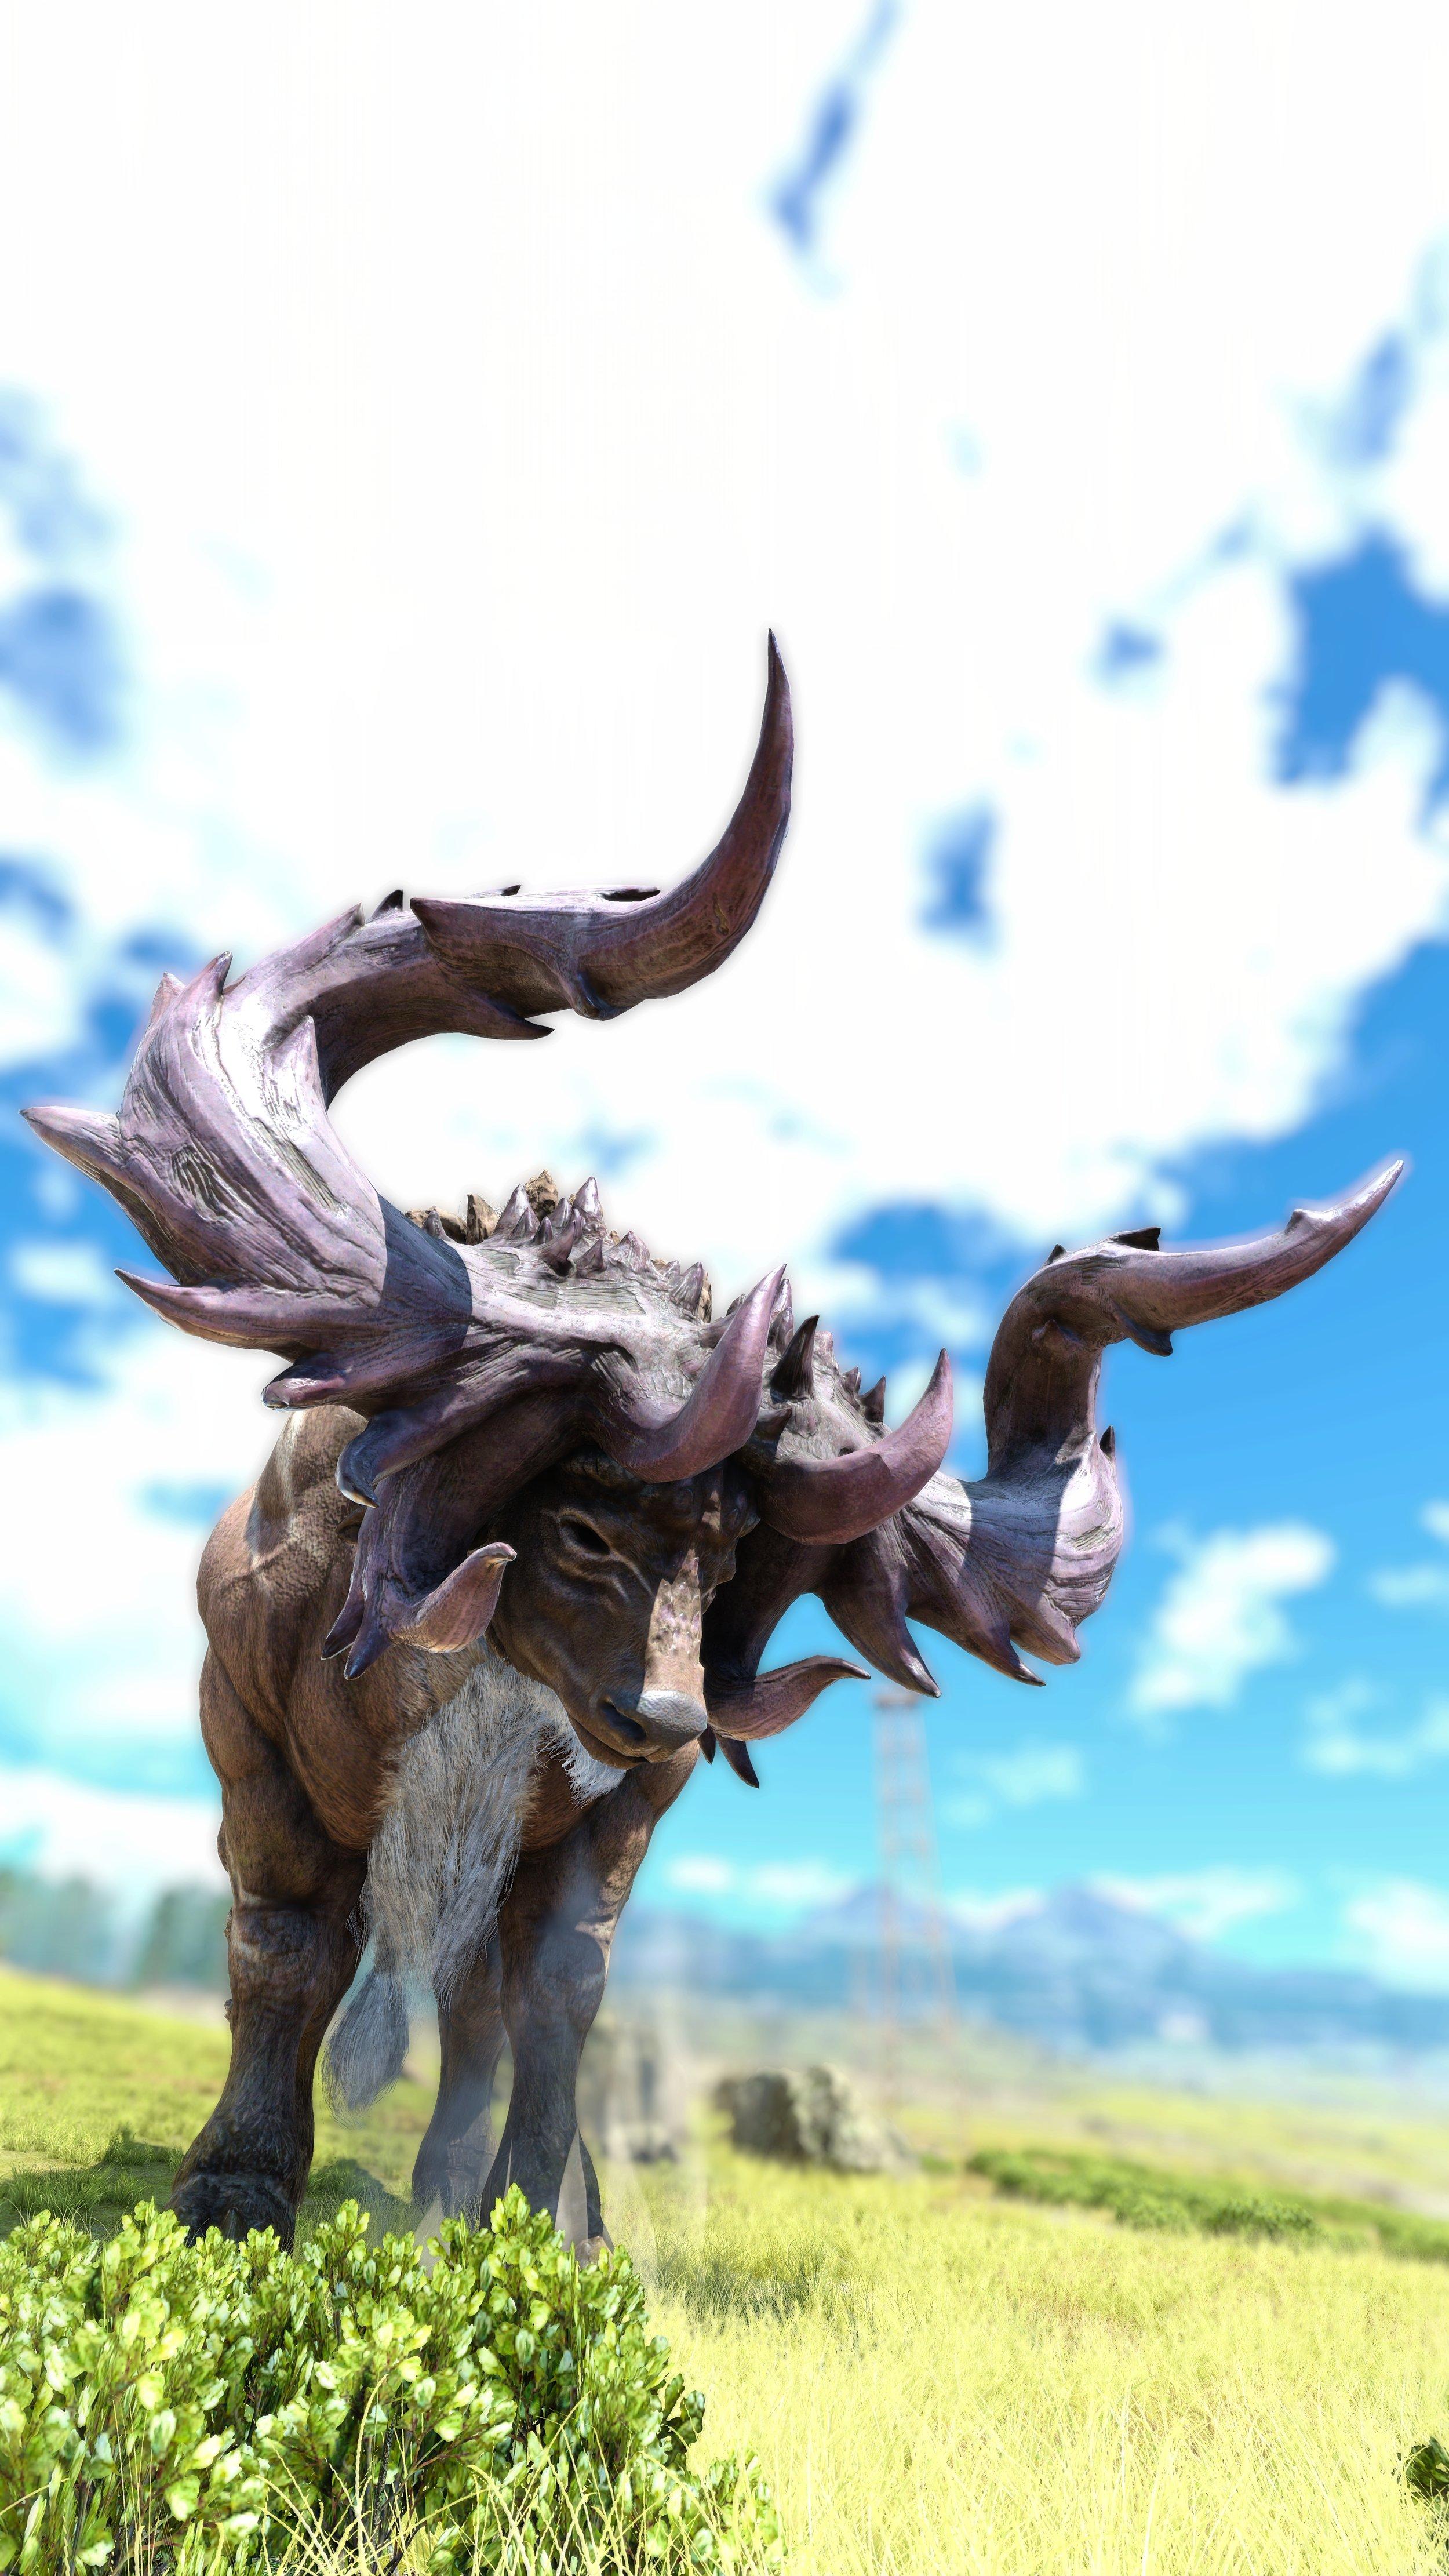 Final Fantasy XV_0035_JTC.jpg